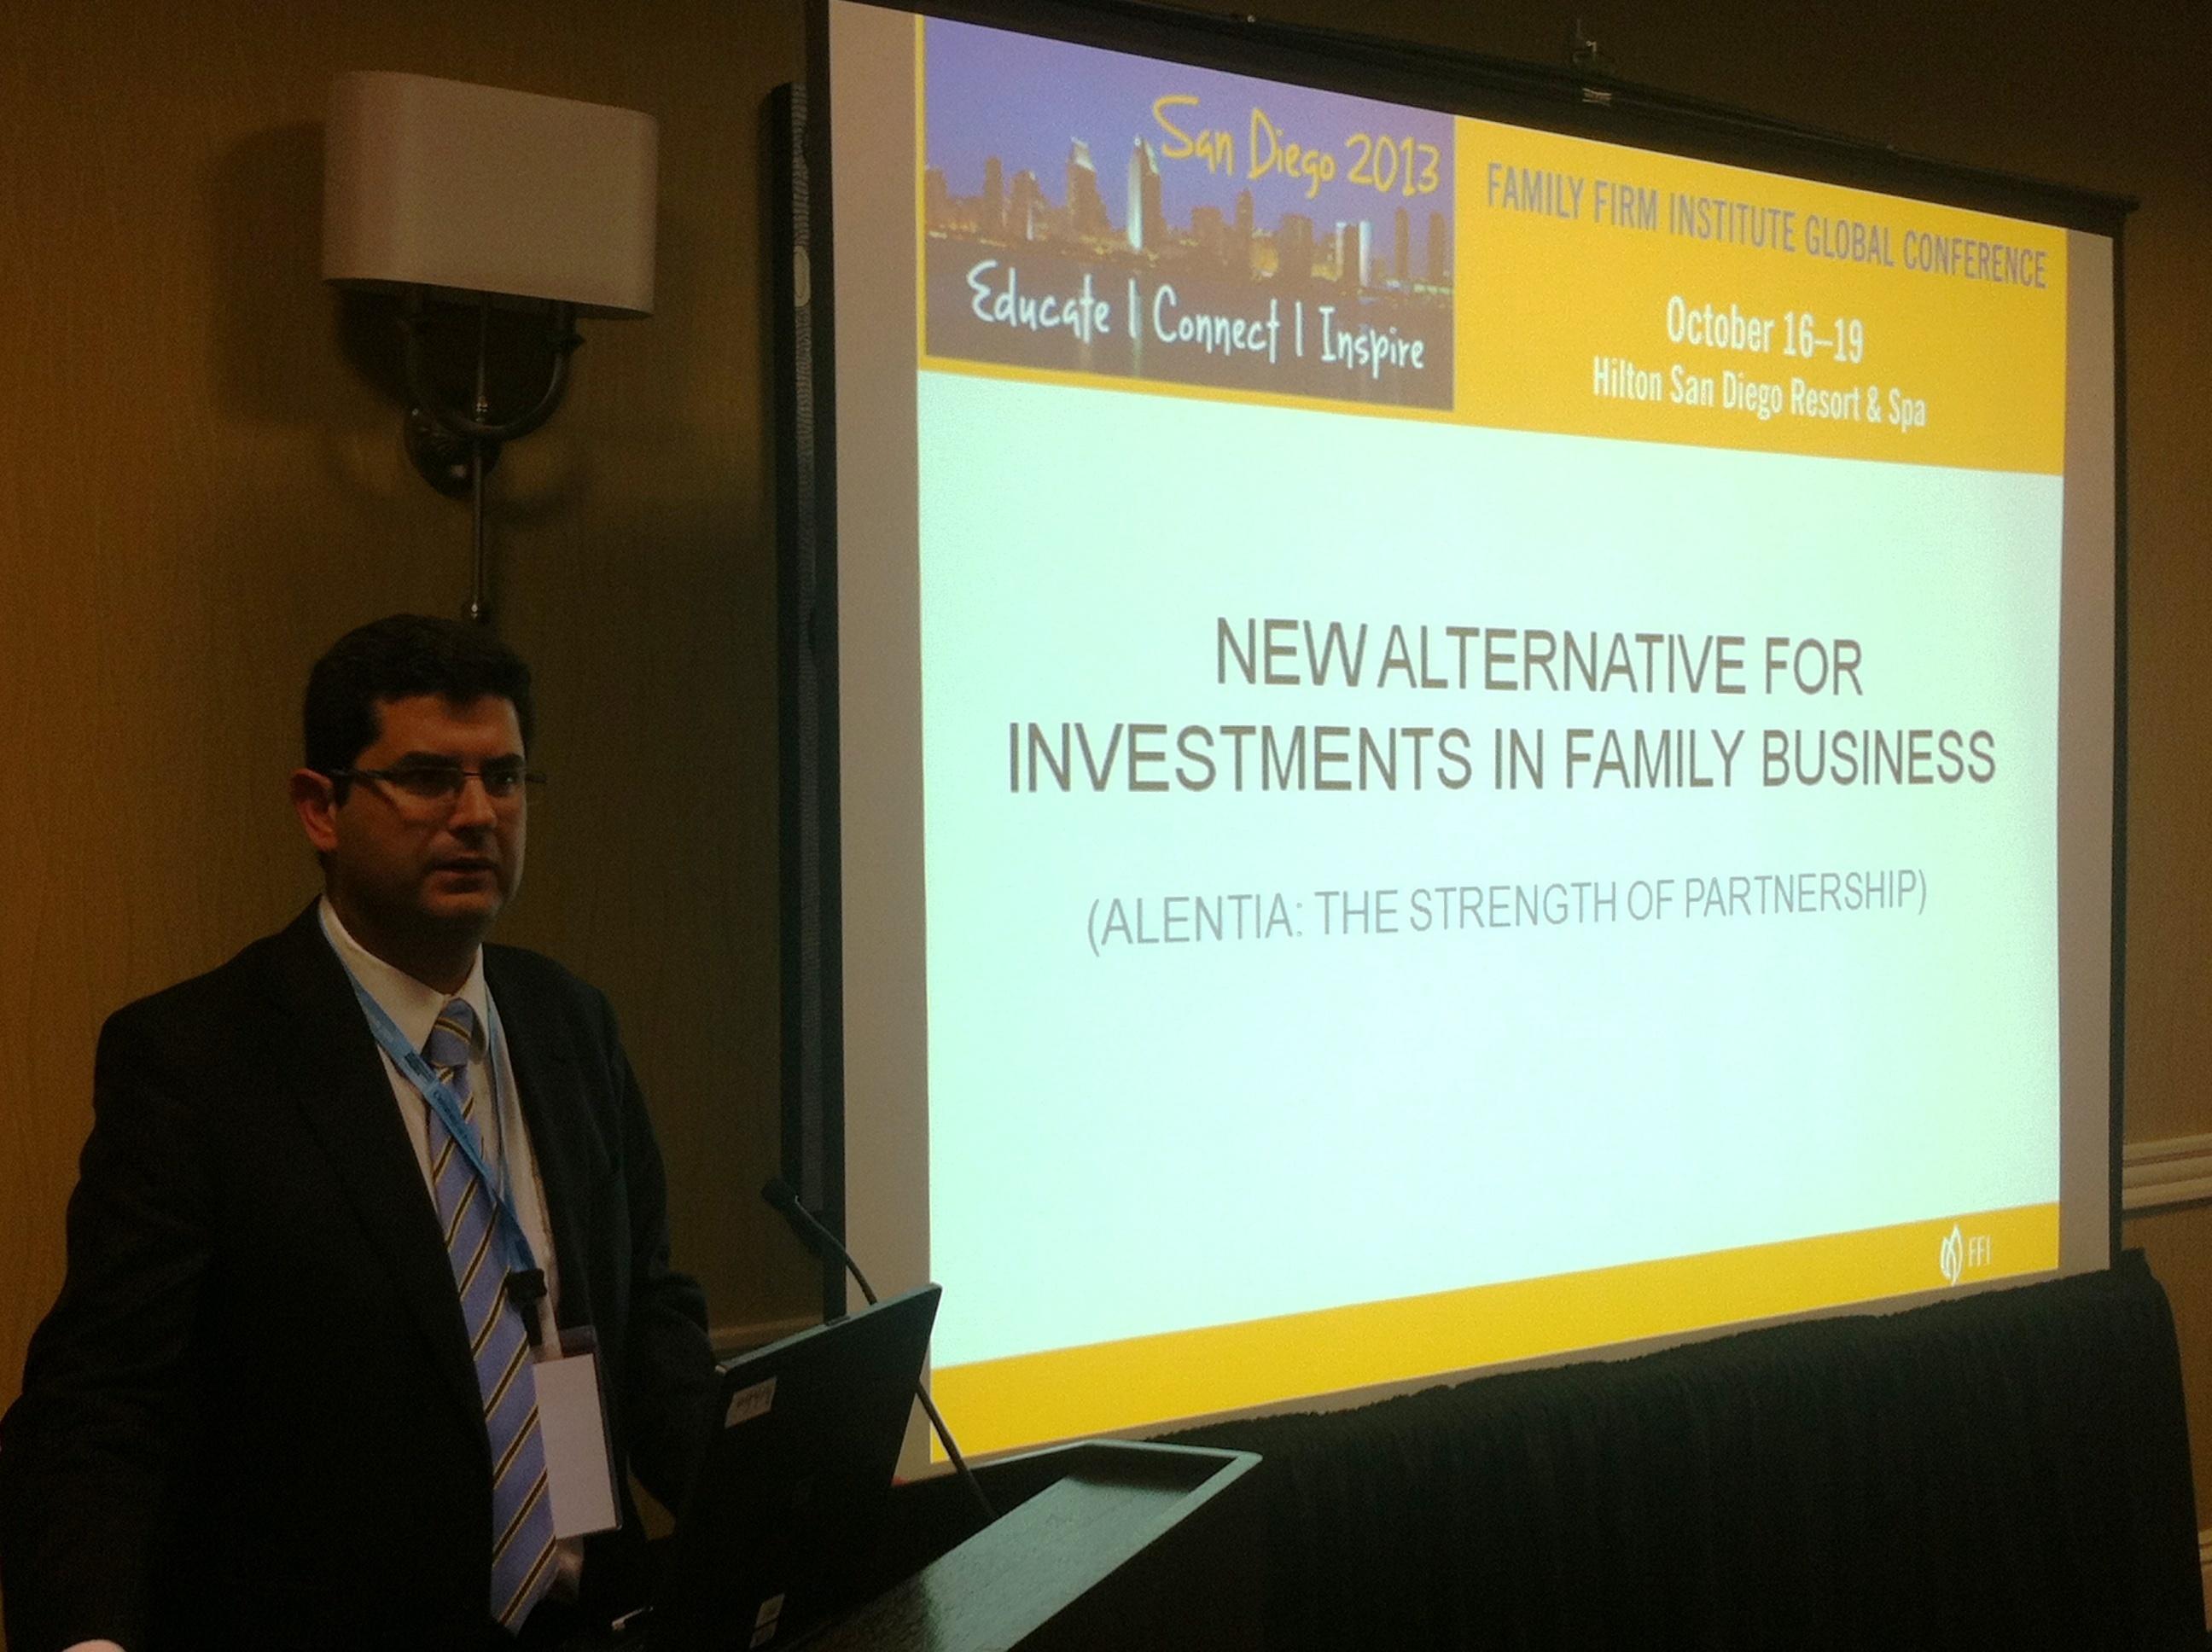 Alentia se presenta en San Diego (Estados Unidos) ante 400 profesionales del ámbito empresarial y financiero